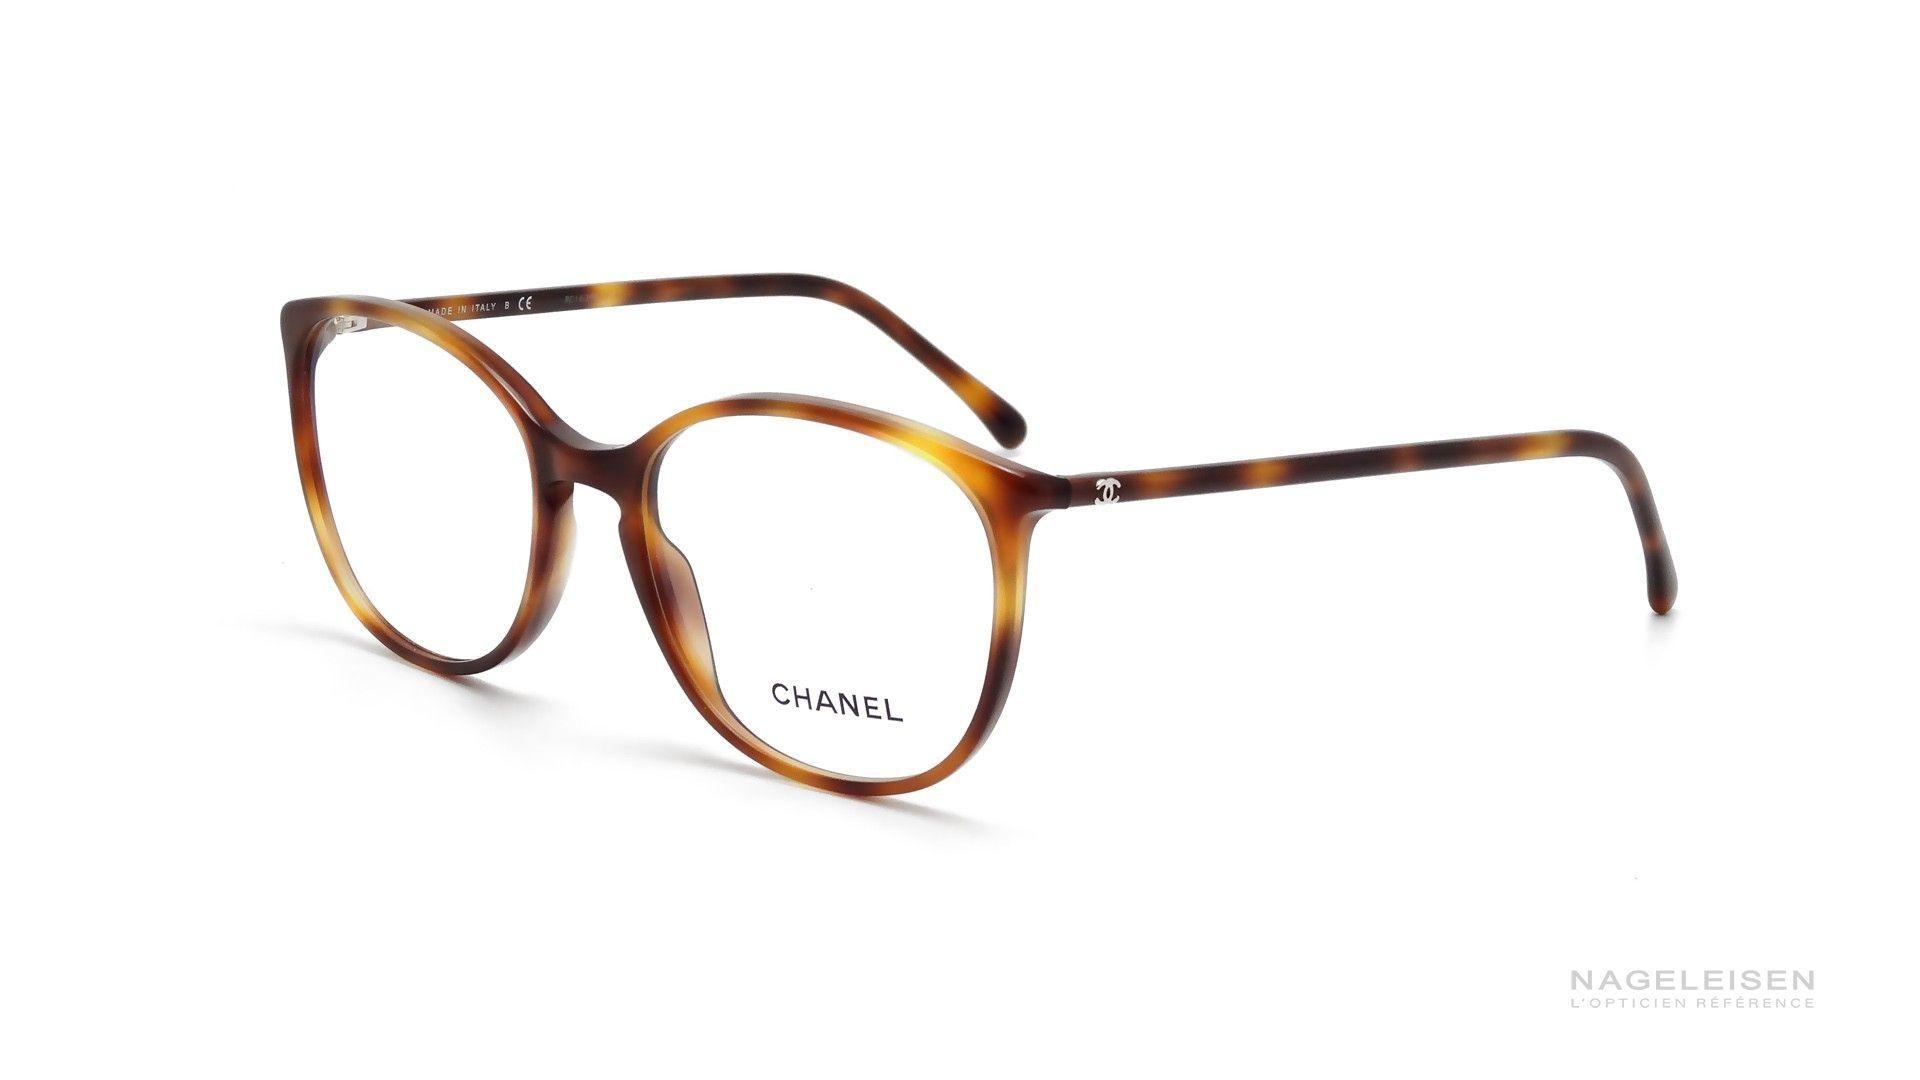 782591bddeb332 lunettes vue chanel ecaille - Recherche Google   style   Glasses ...